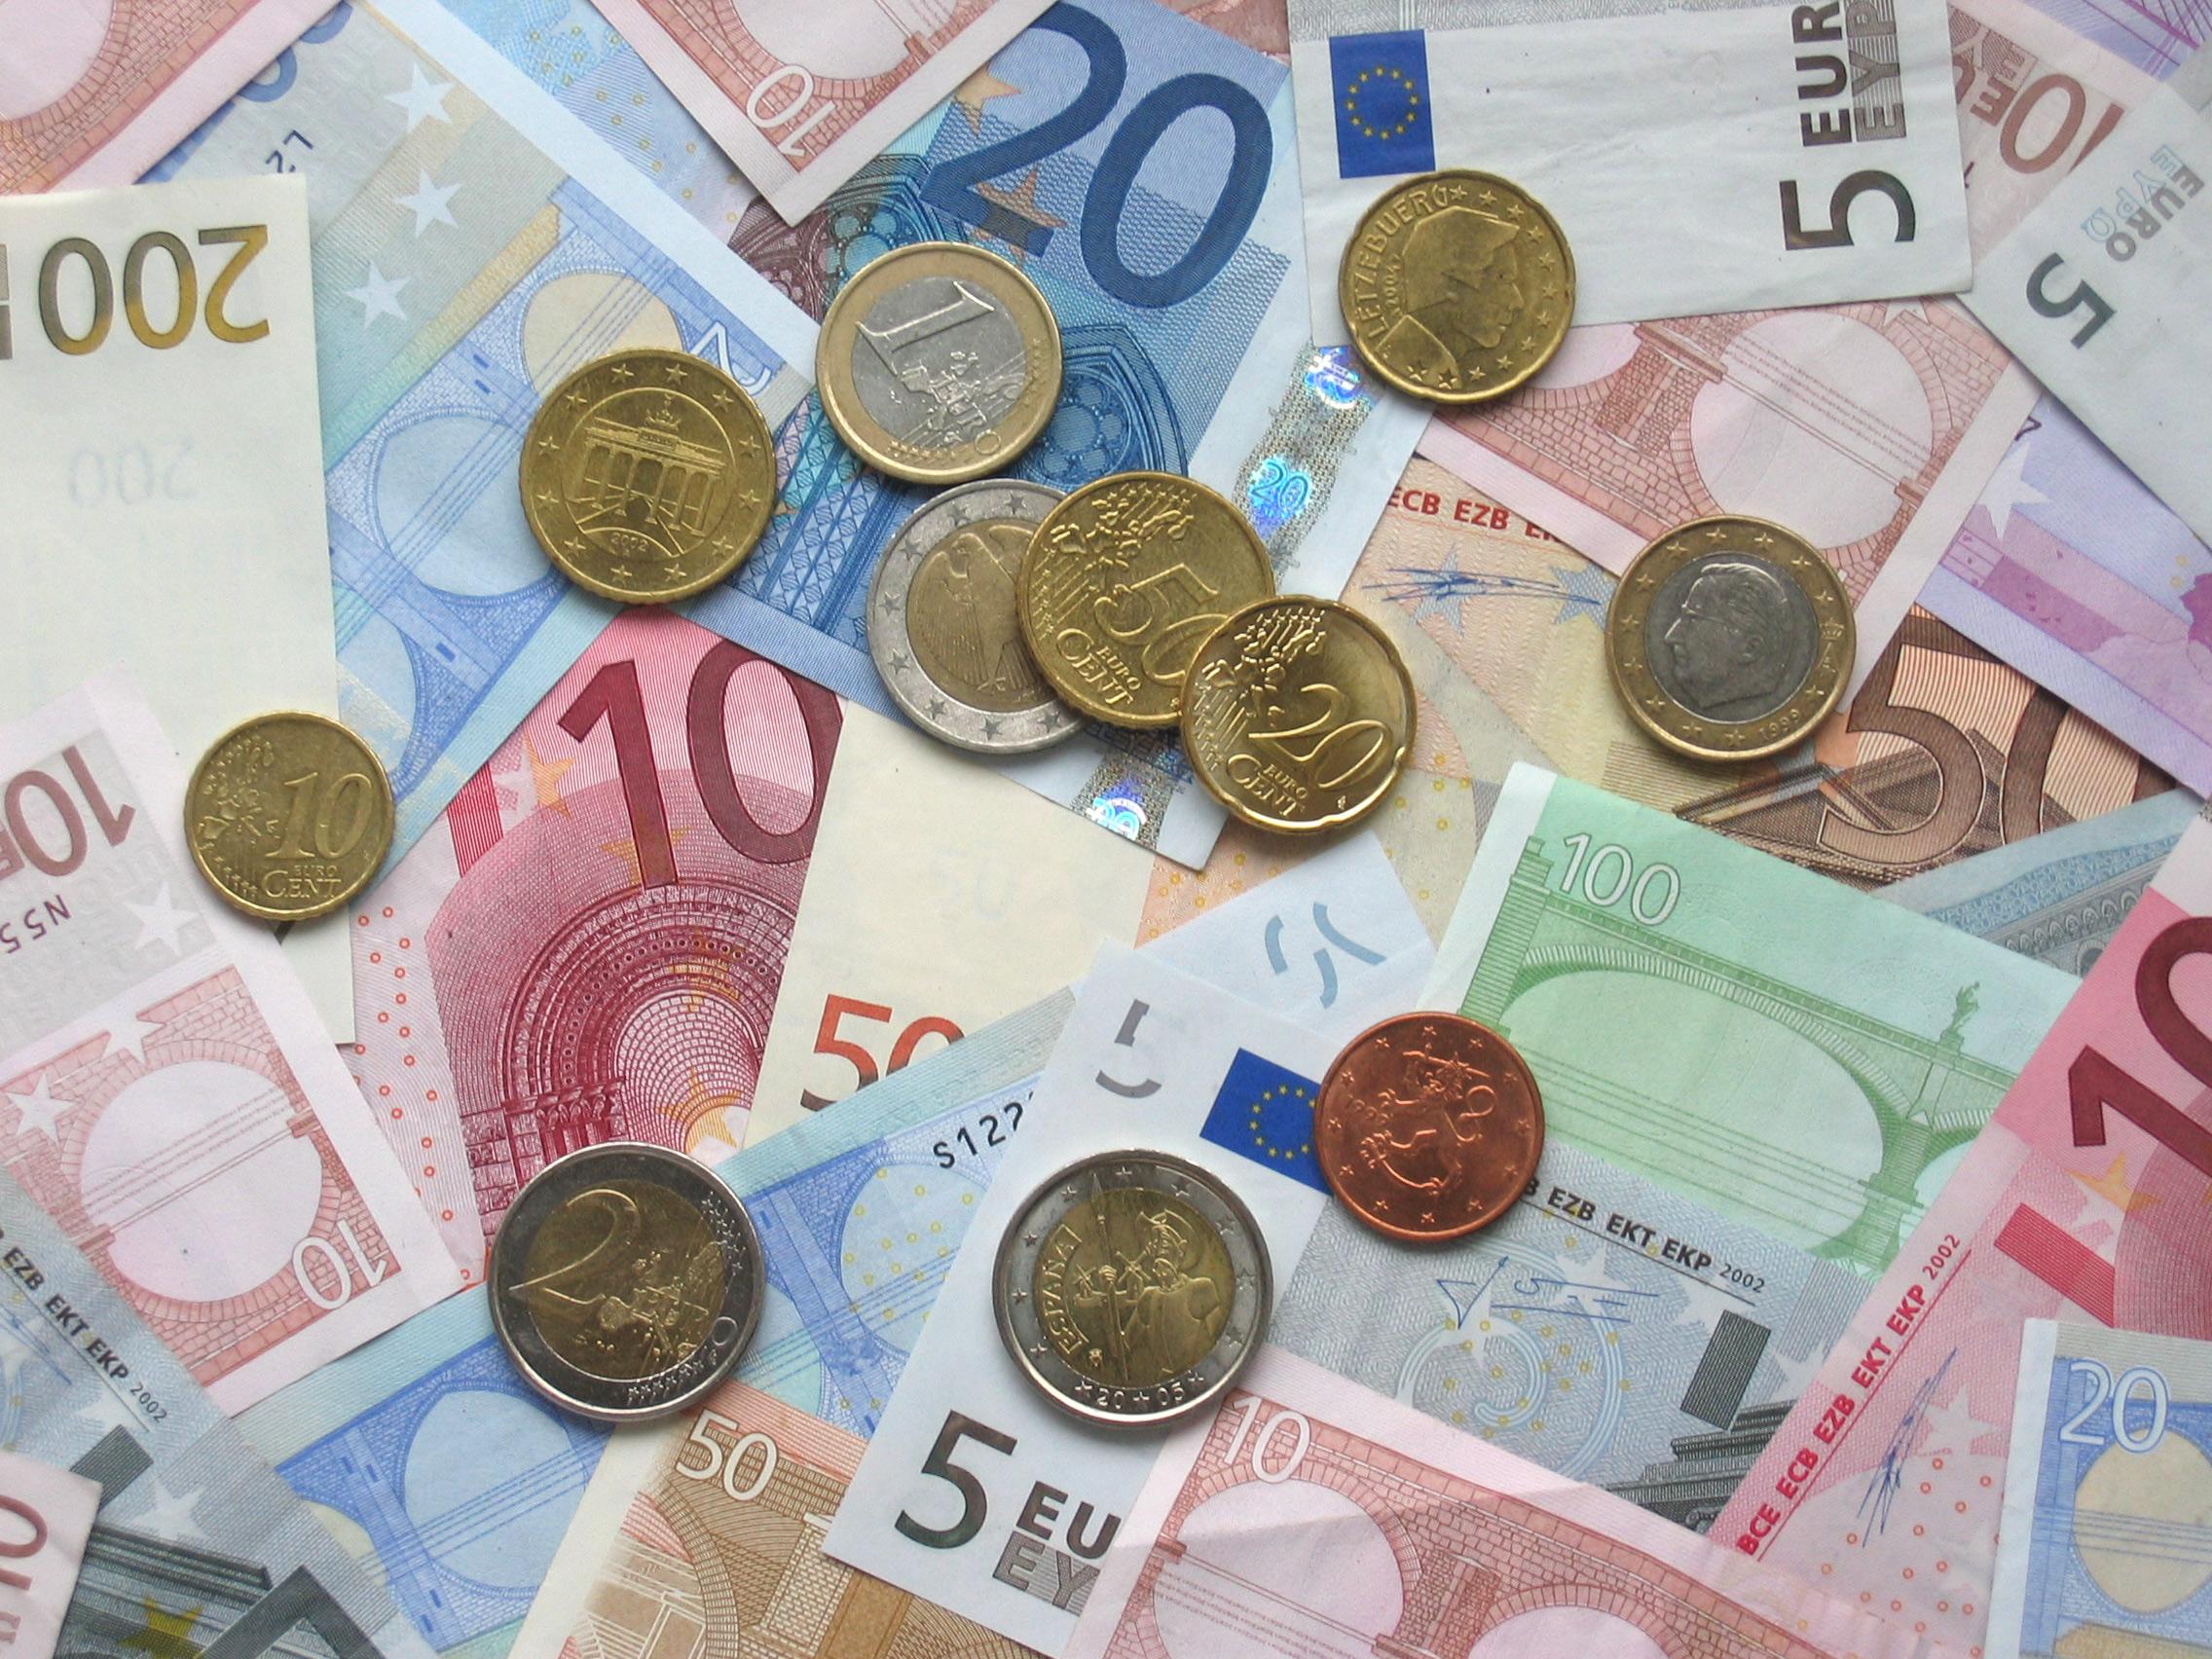 Conjoncture économique : une fin d'année en demi-teinte